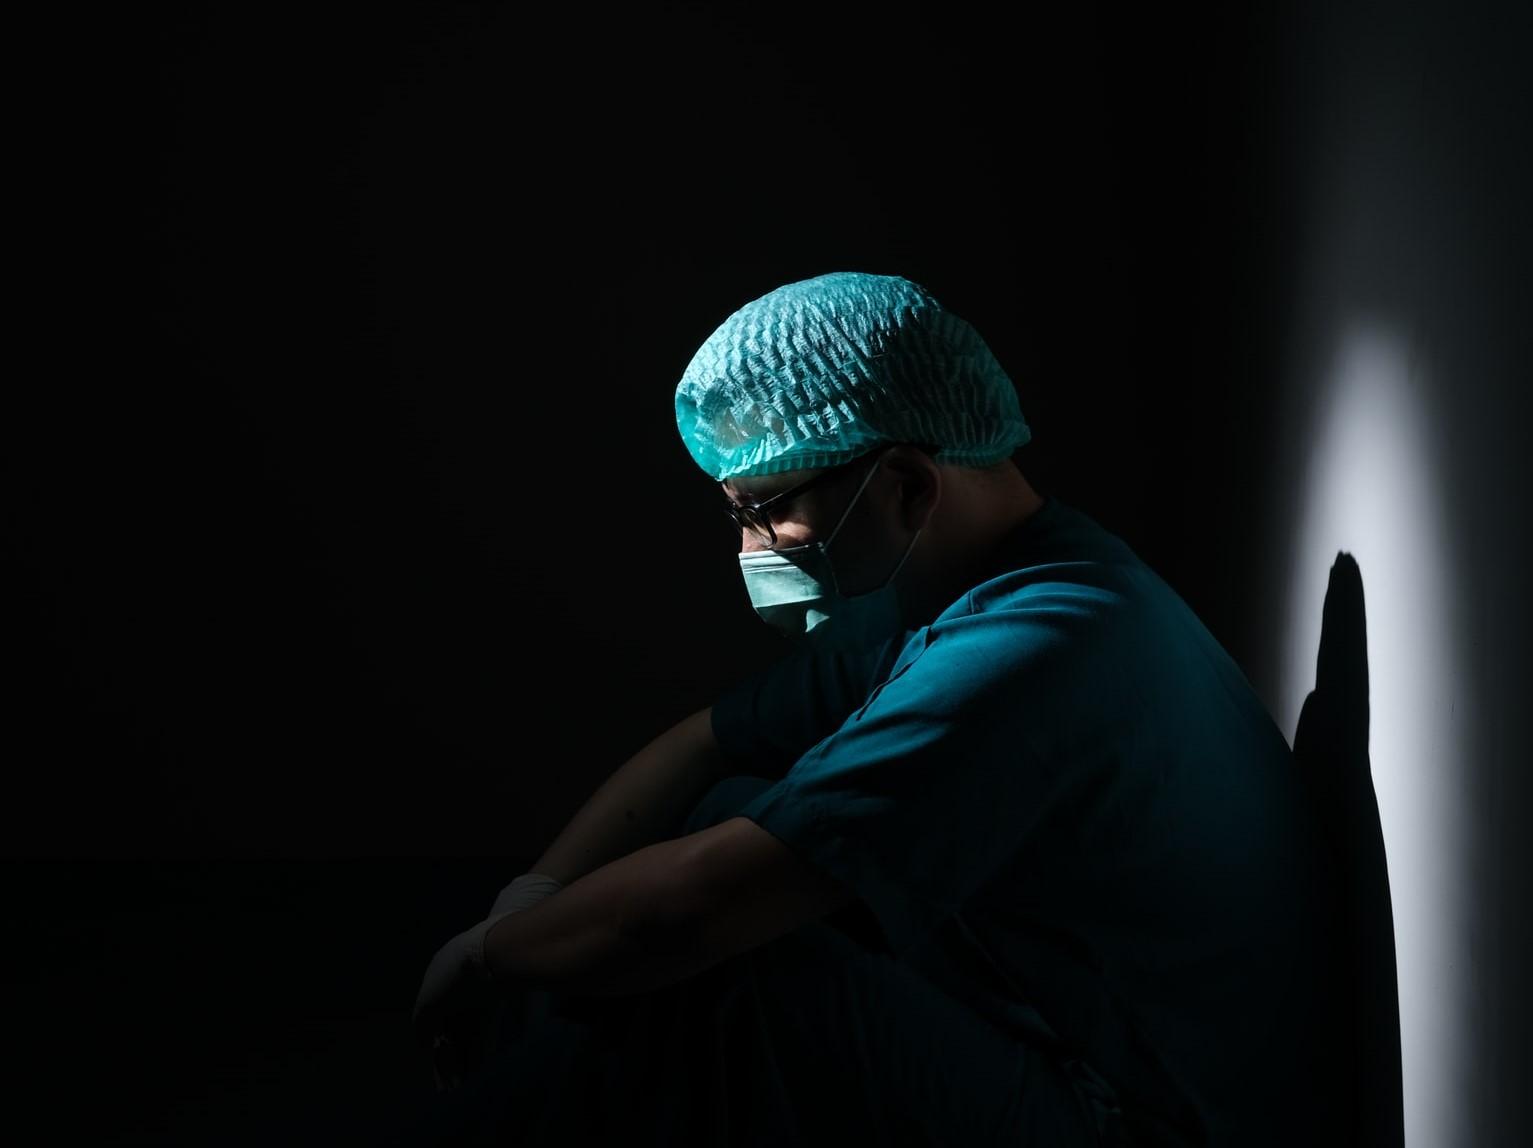 На Кубани зафиксирован максимум летальных исходов при COVID-19 за пандемию